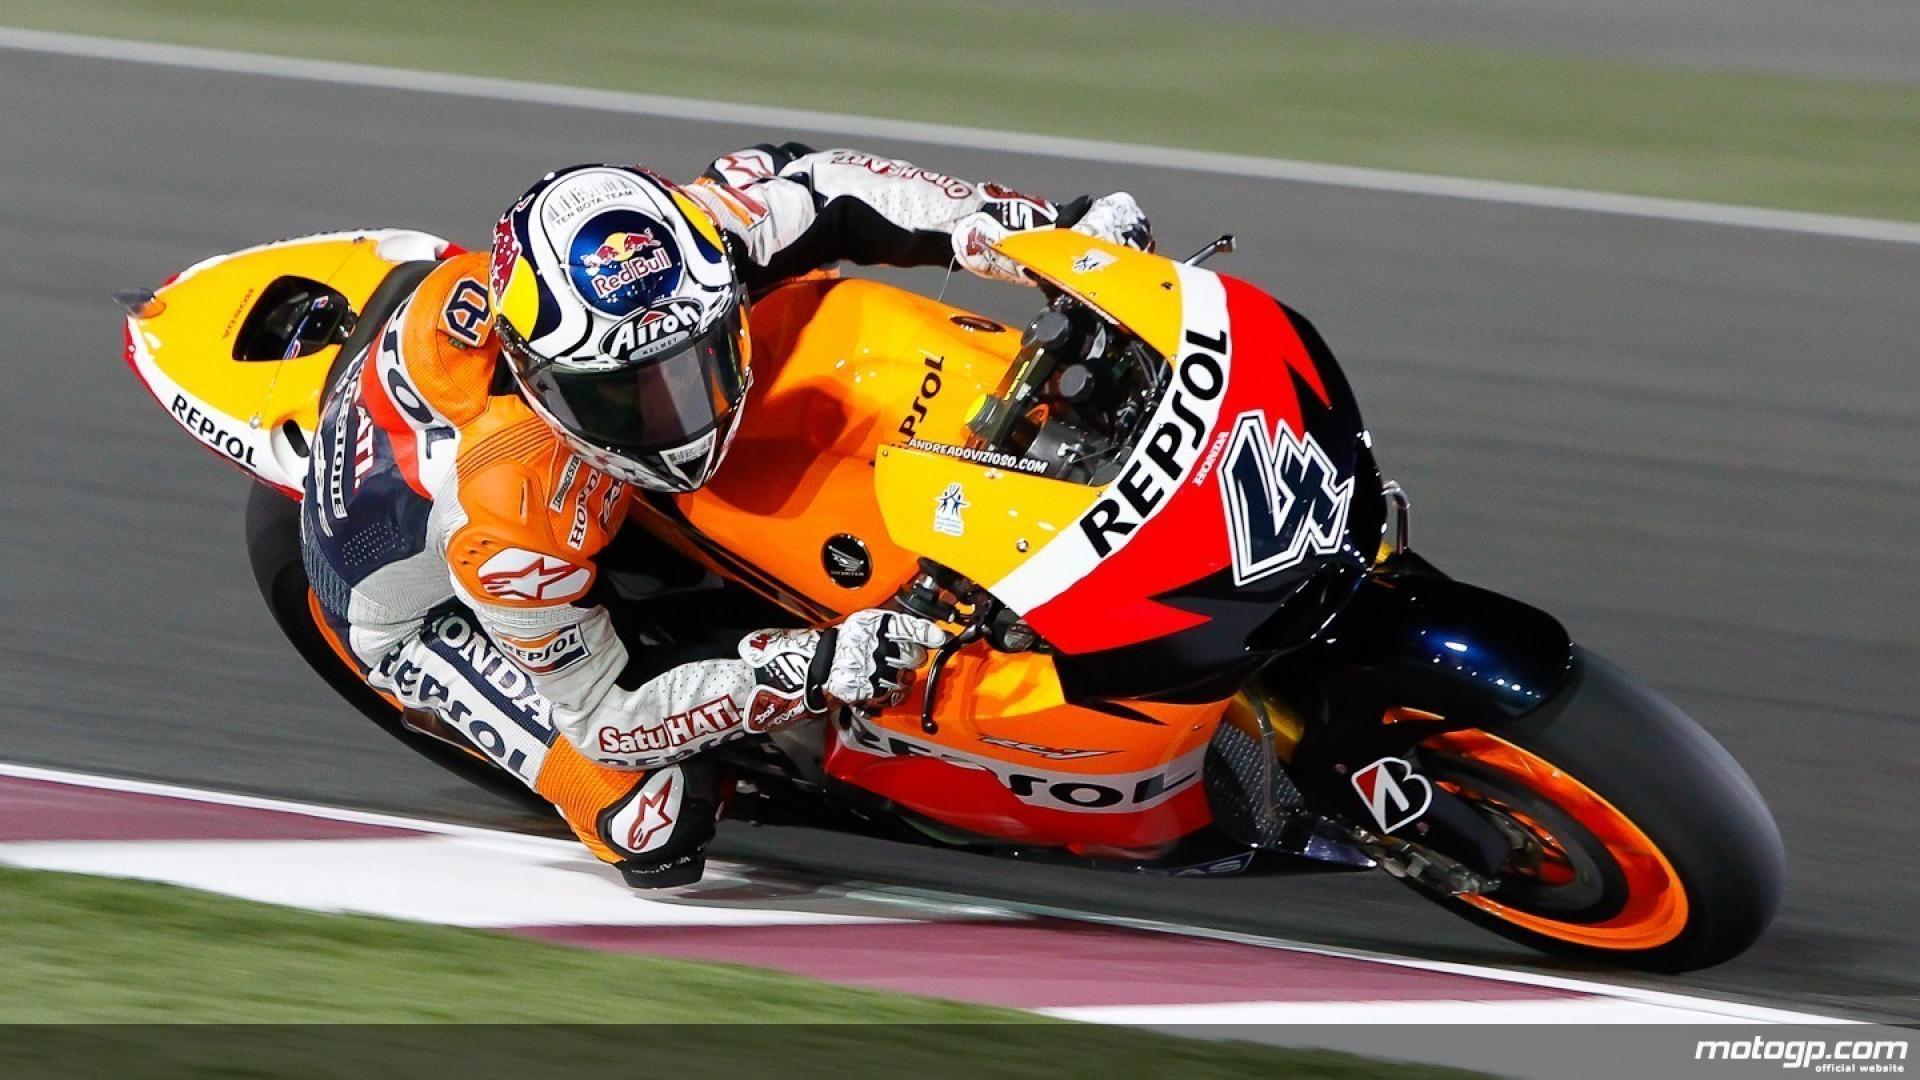 Honda MotoGP Wallpaper - WallpaperSafari